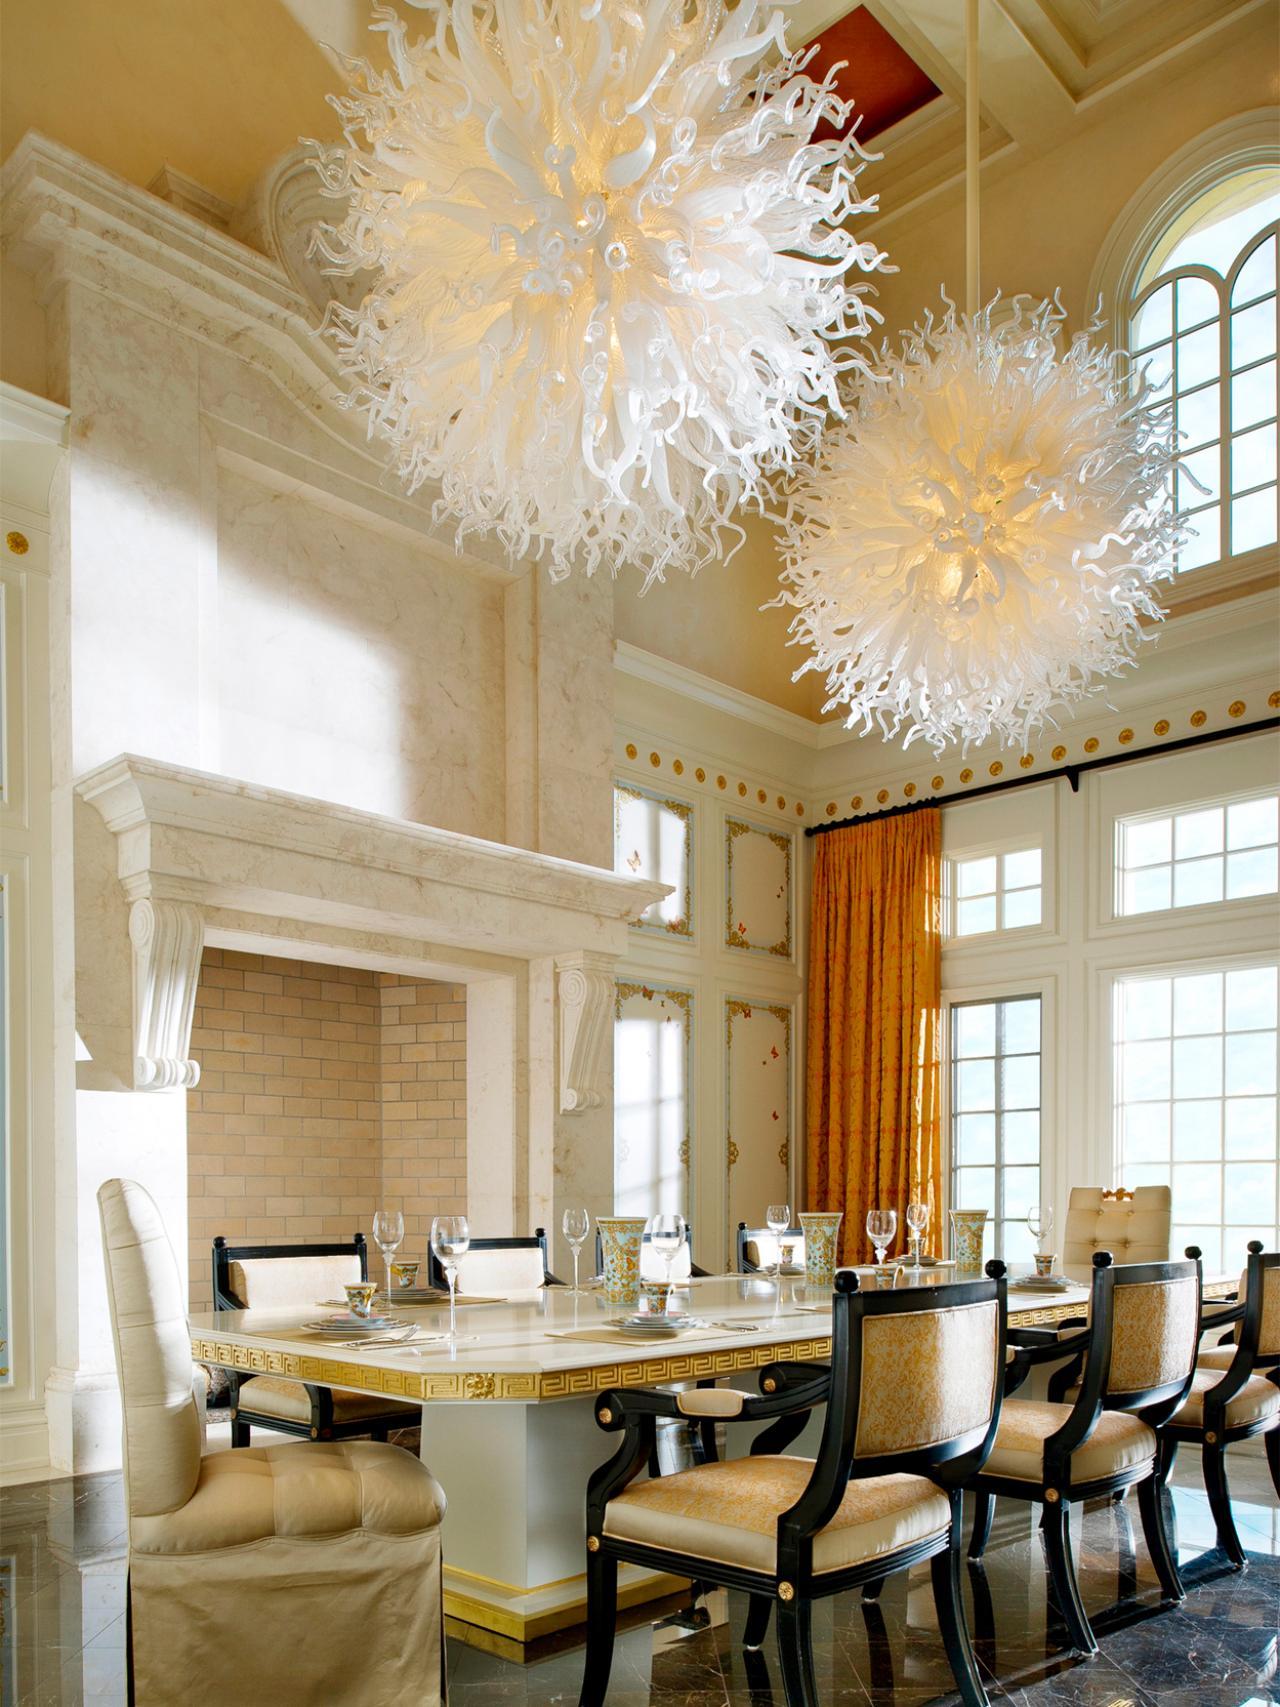 Такие оригинальные светильники украсят комнату с высоким потолком